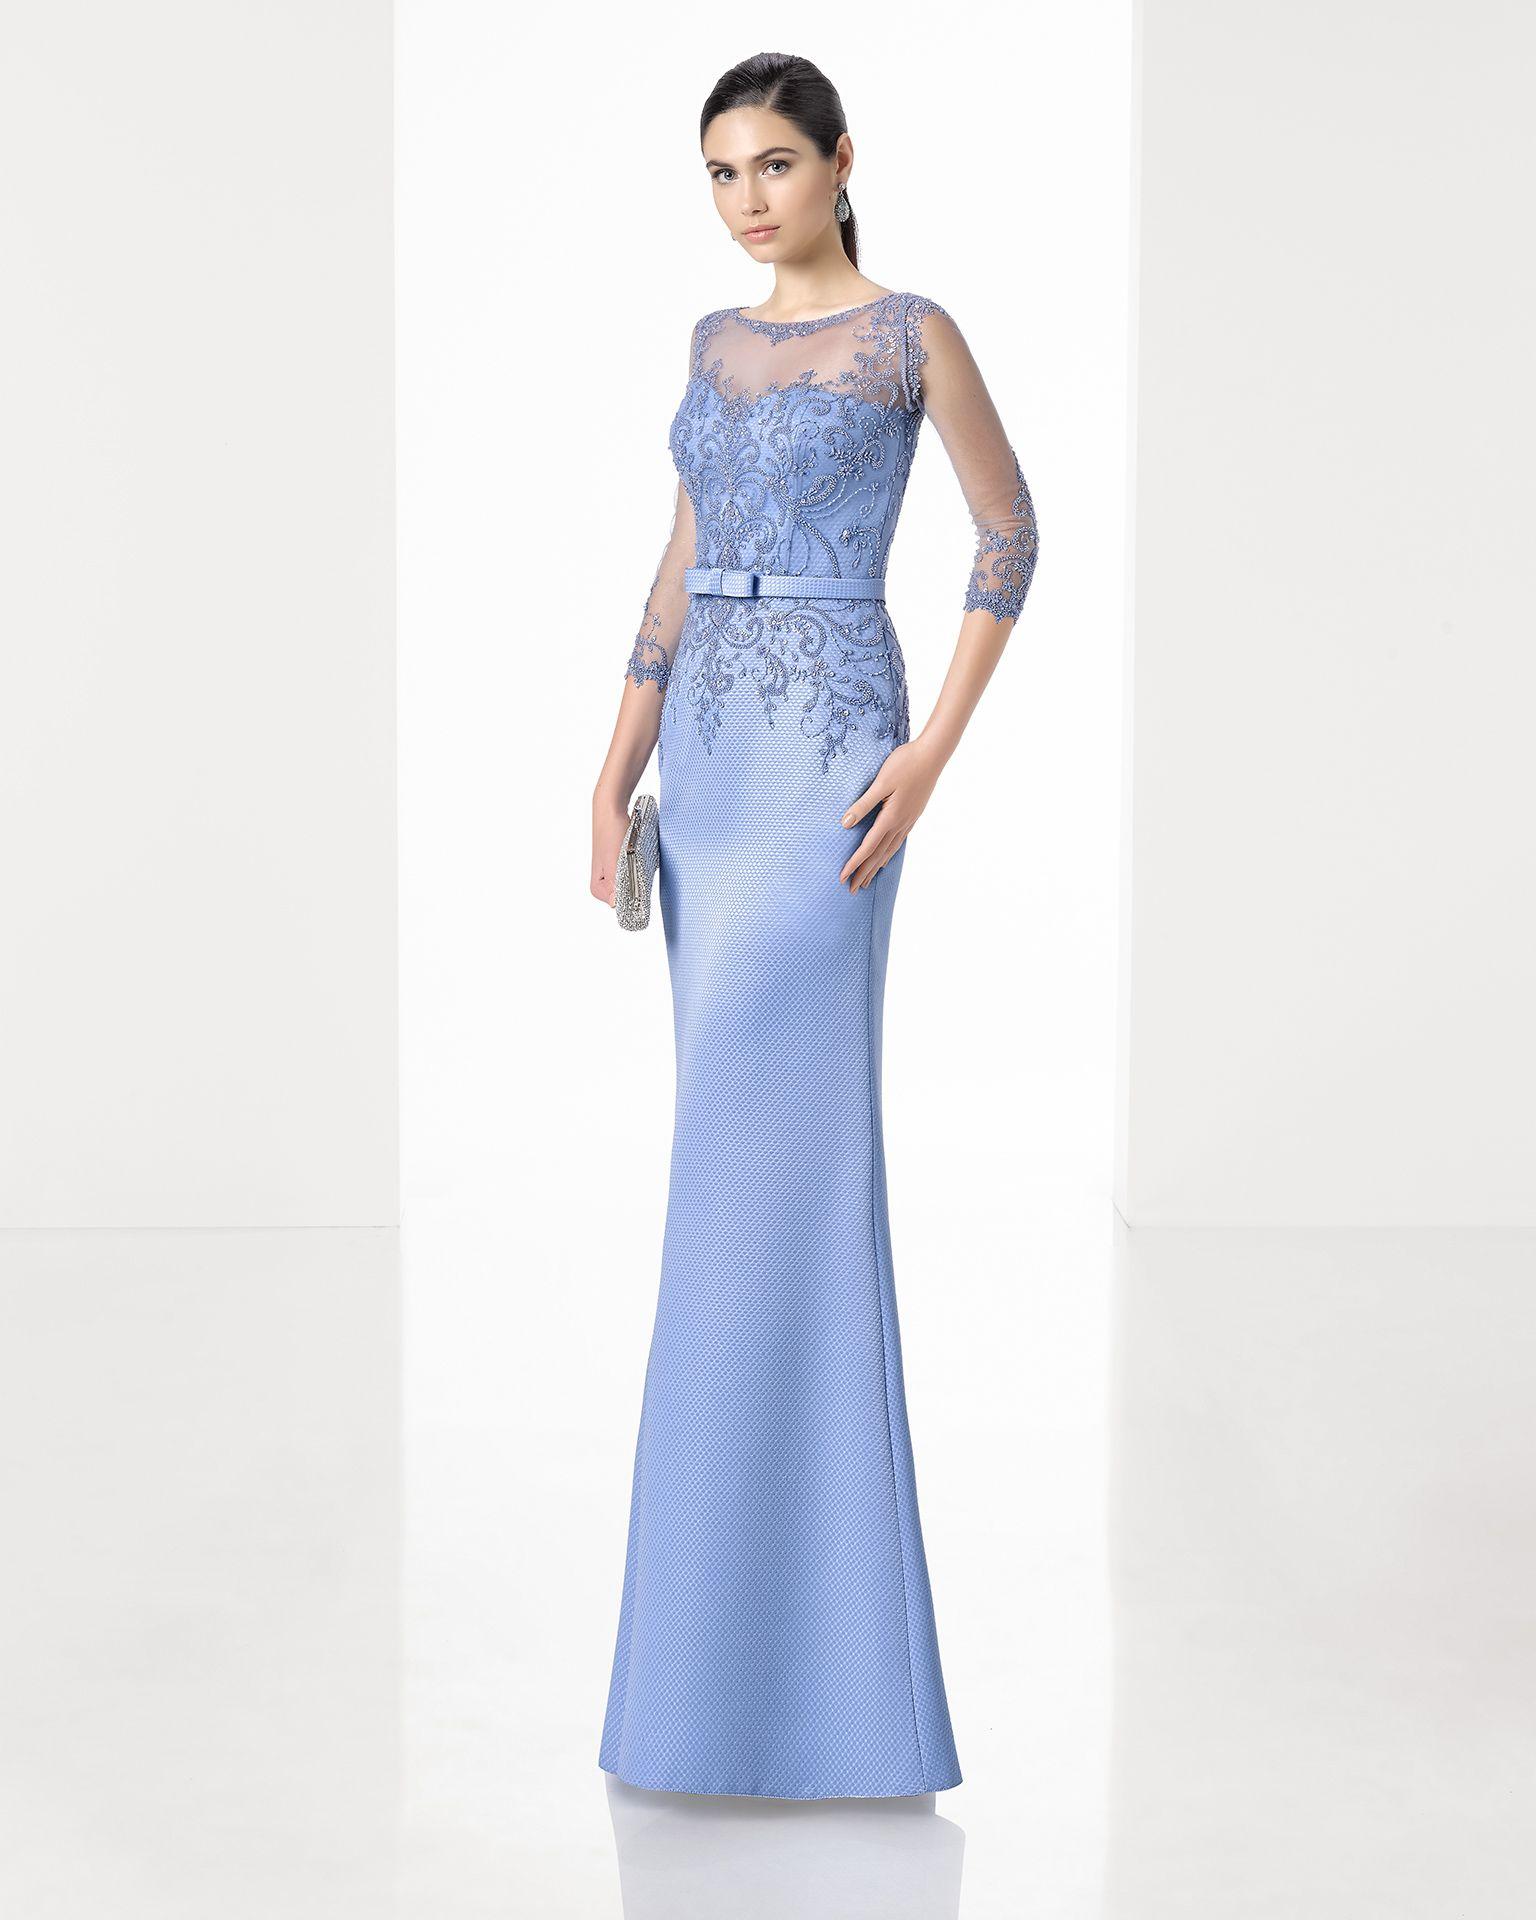 1T1C4 | vestidos elegidos | Pinterest | Vestidos, Vestidos de fiesta ...